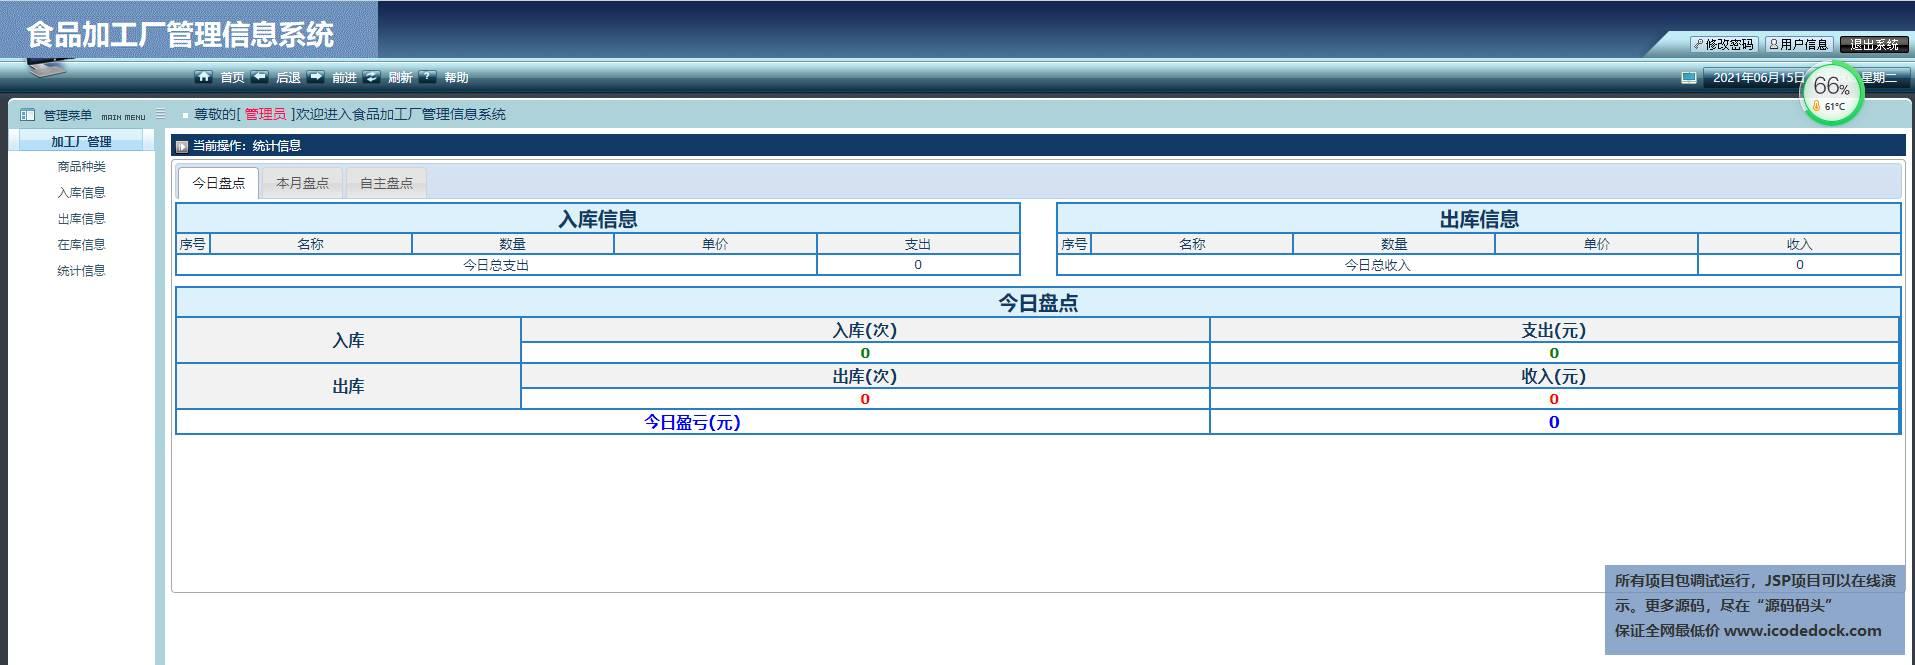 源码码头-SSH食品加工厂管理系统-管理员角色-查看统计信息